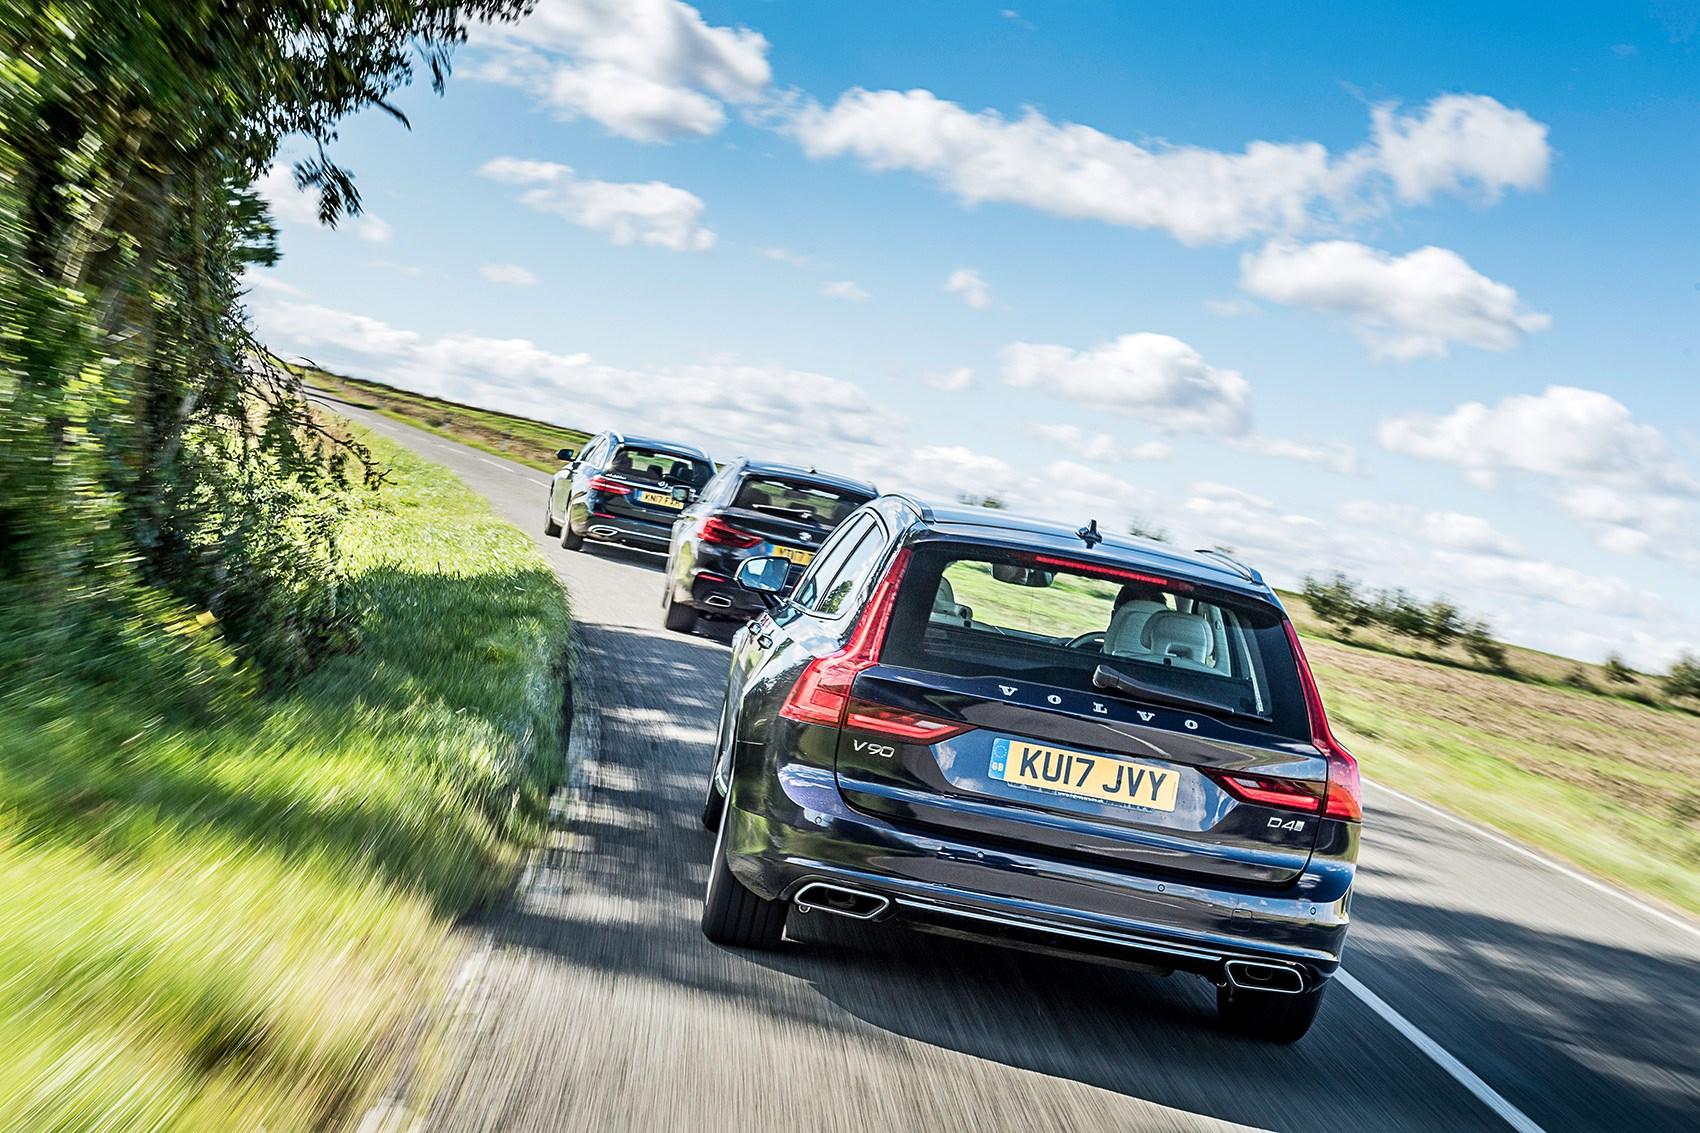 Volvo V90 vs BMW 5-series Touring vs Mercedes E-class (2017) triple